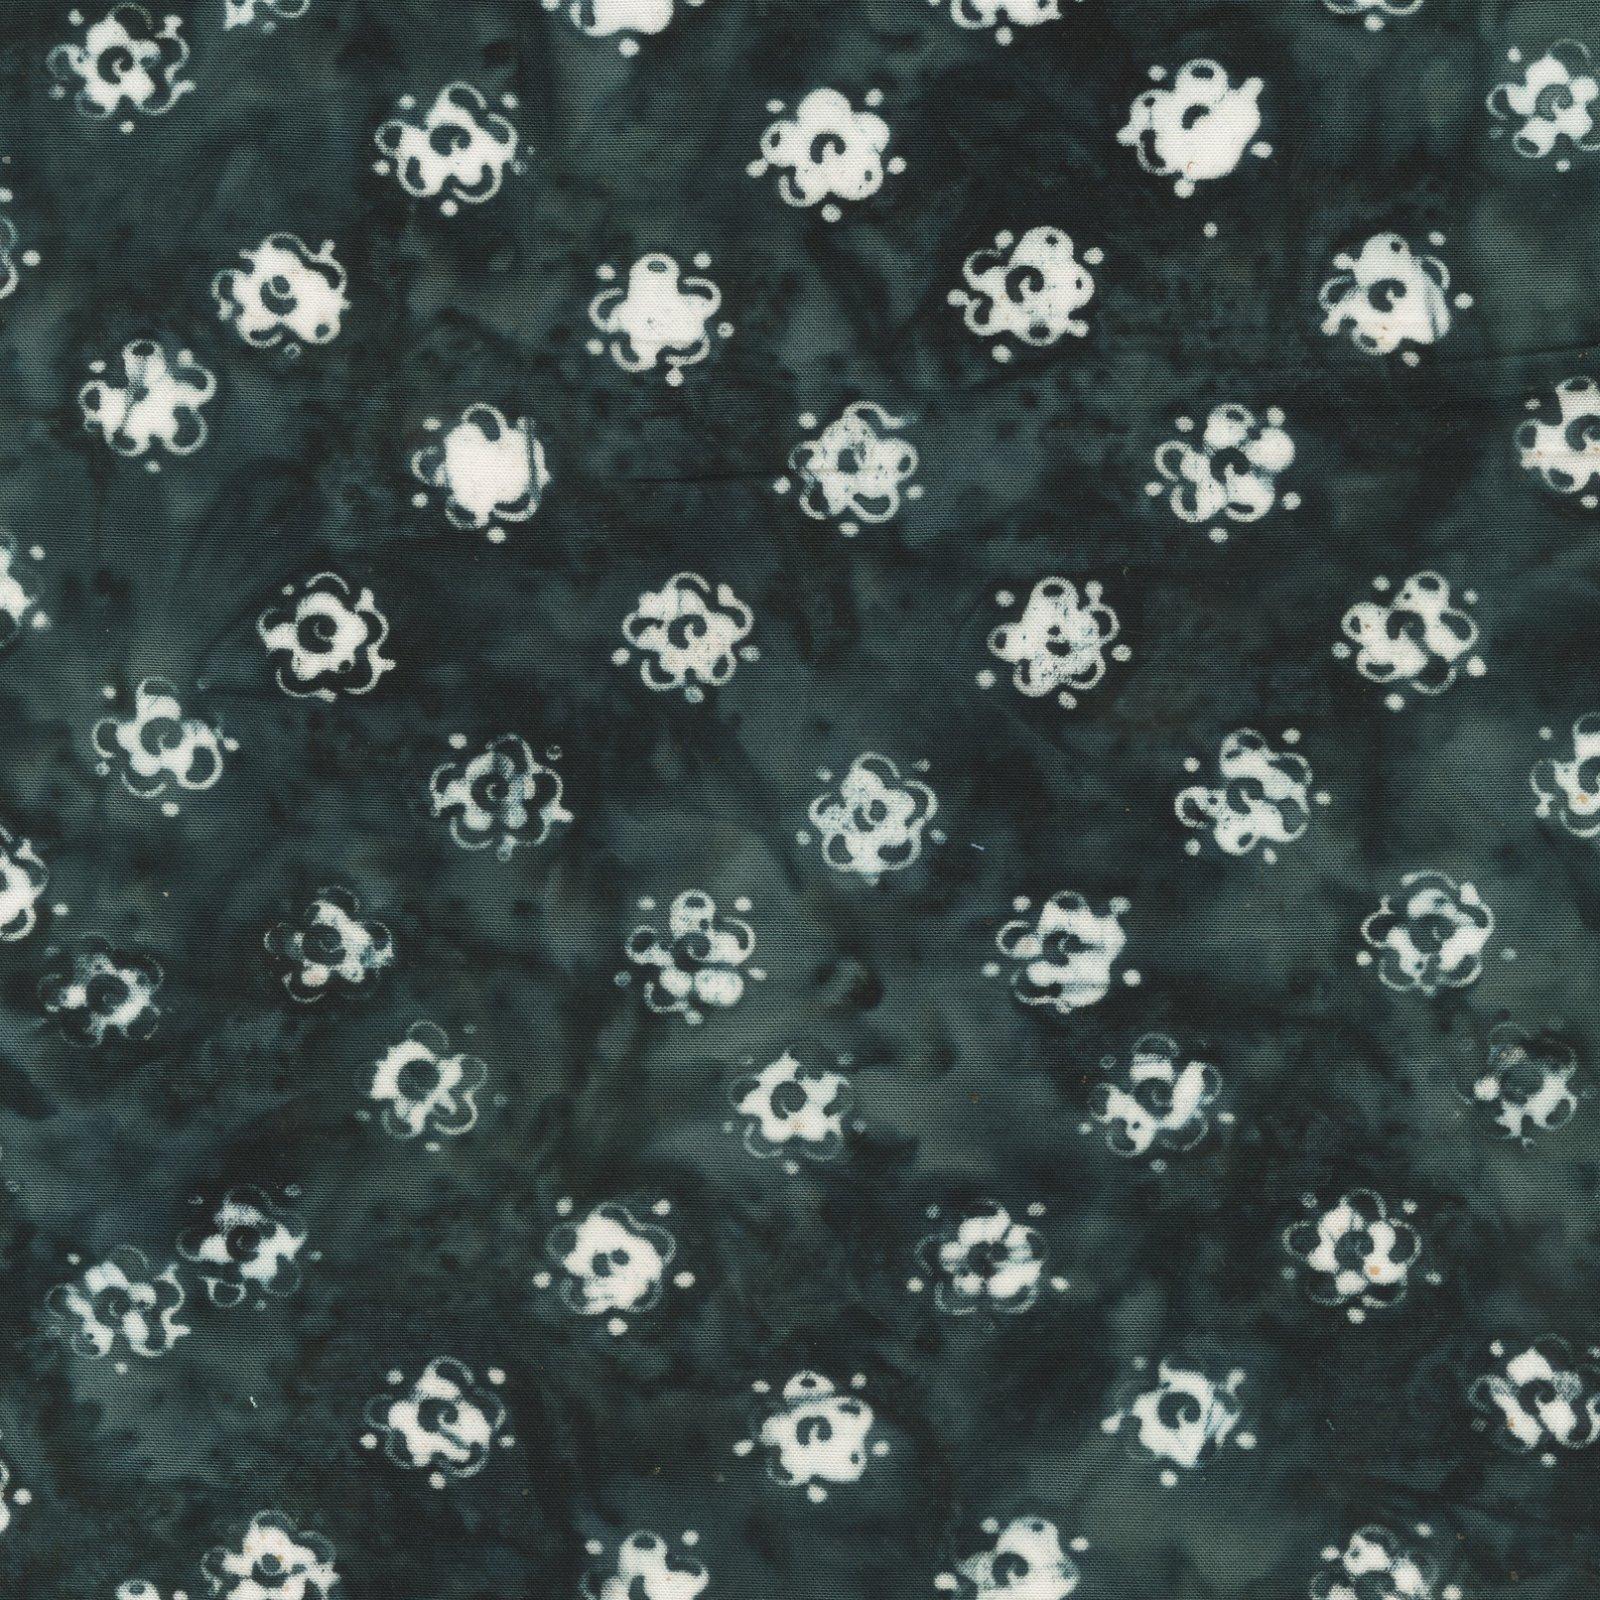 513Q-X Rayon Batiks by Anthology Fabrics